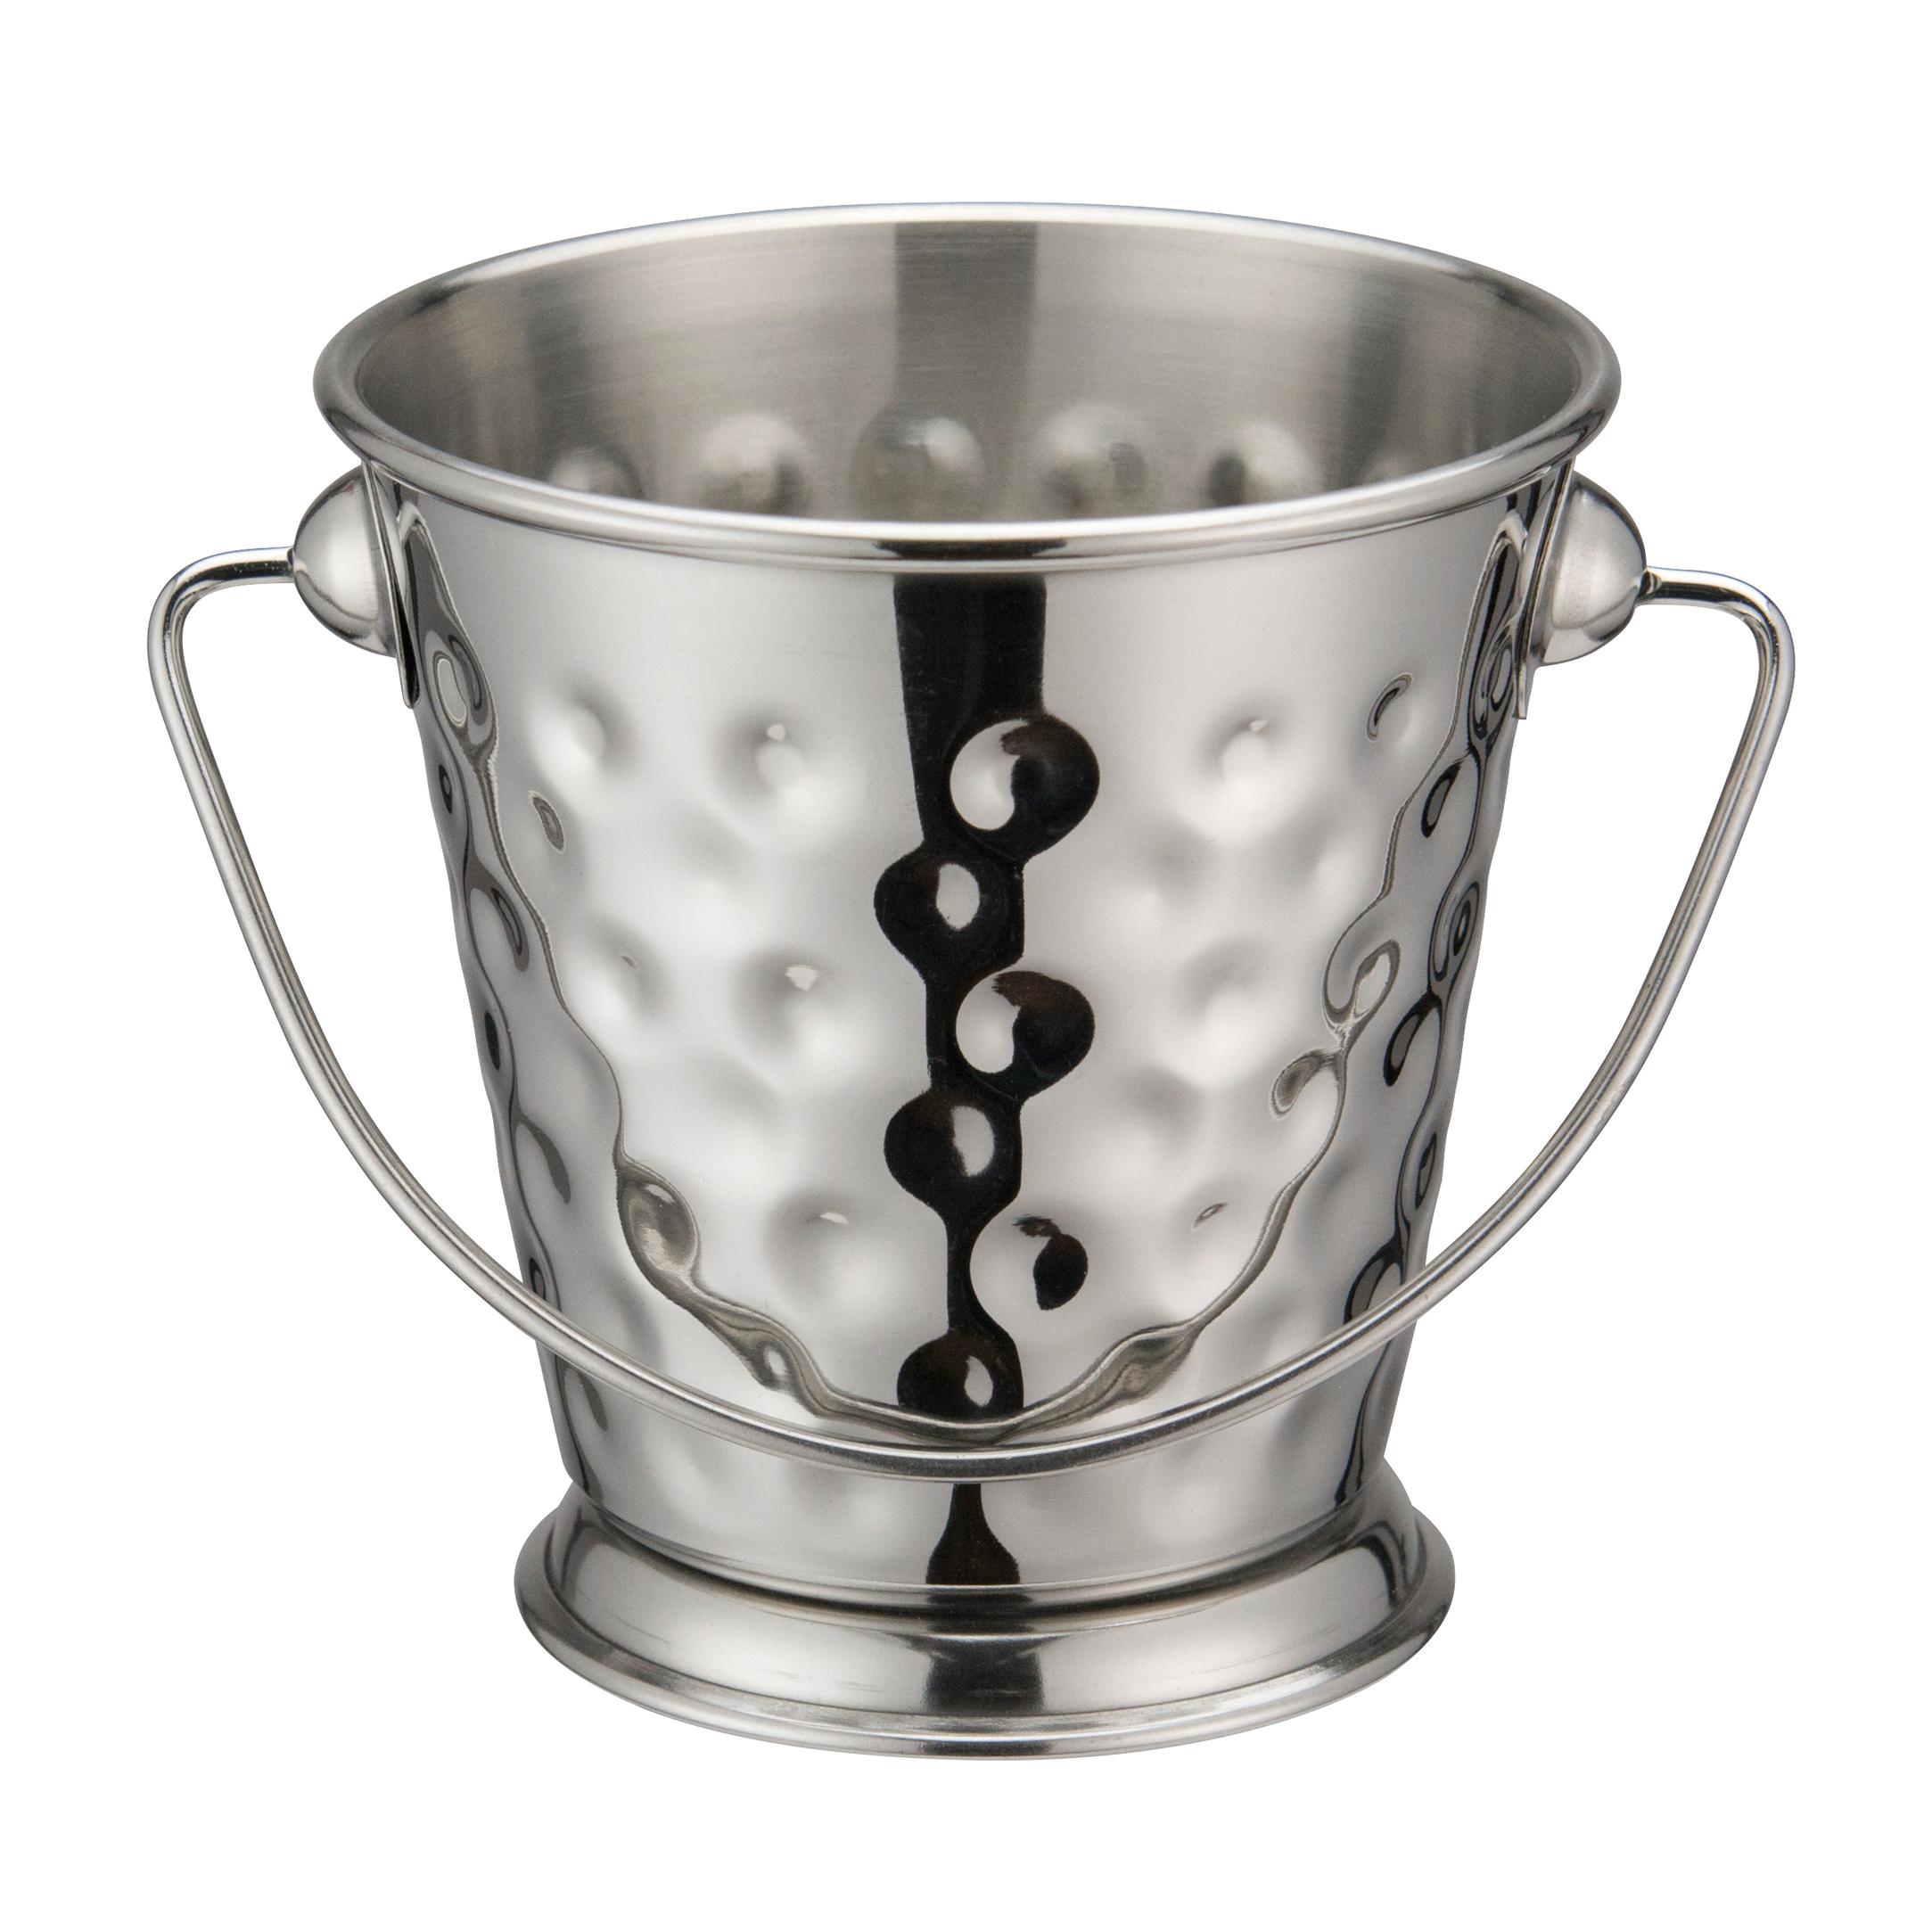 Winco DDSA-102S serving pail